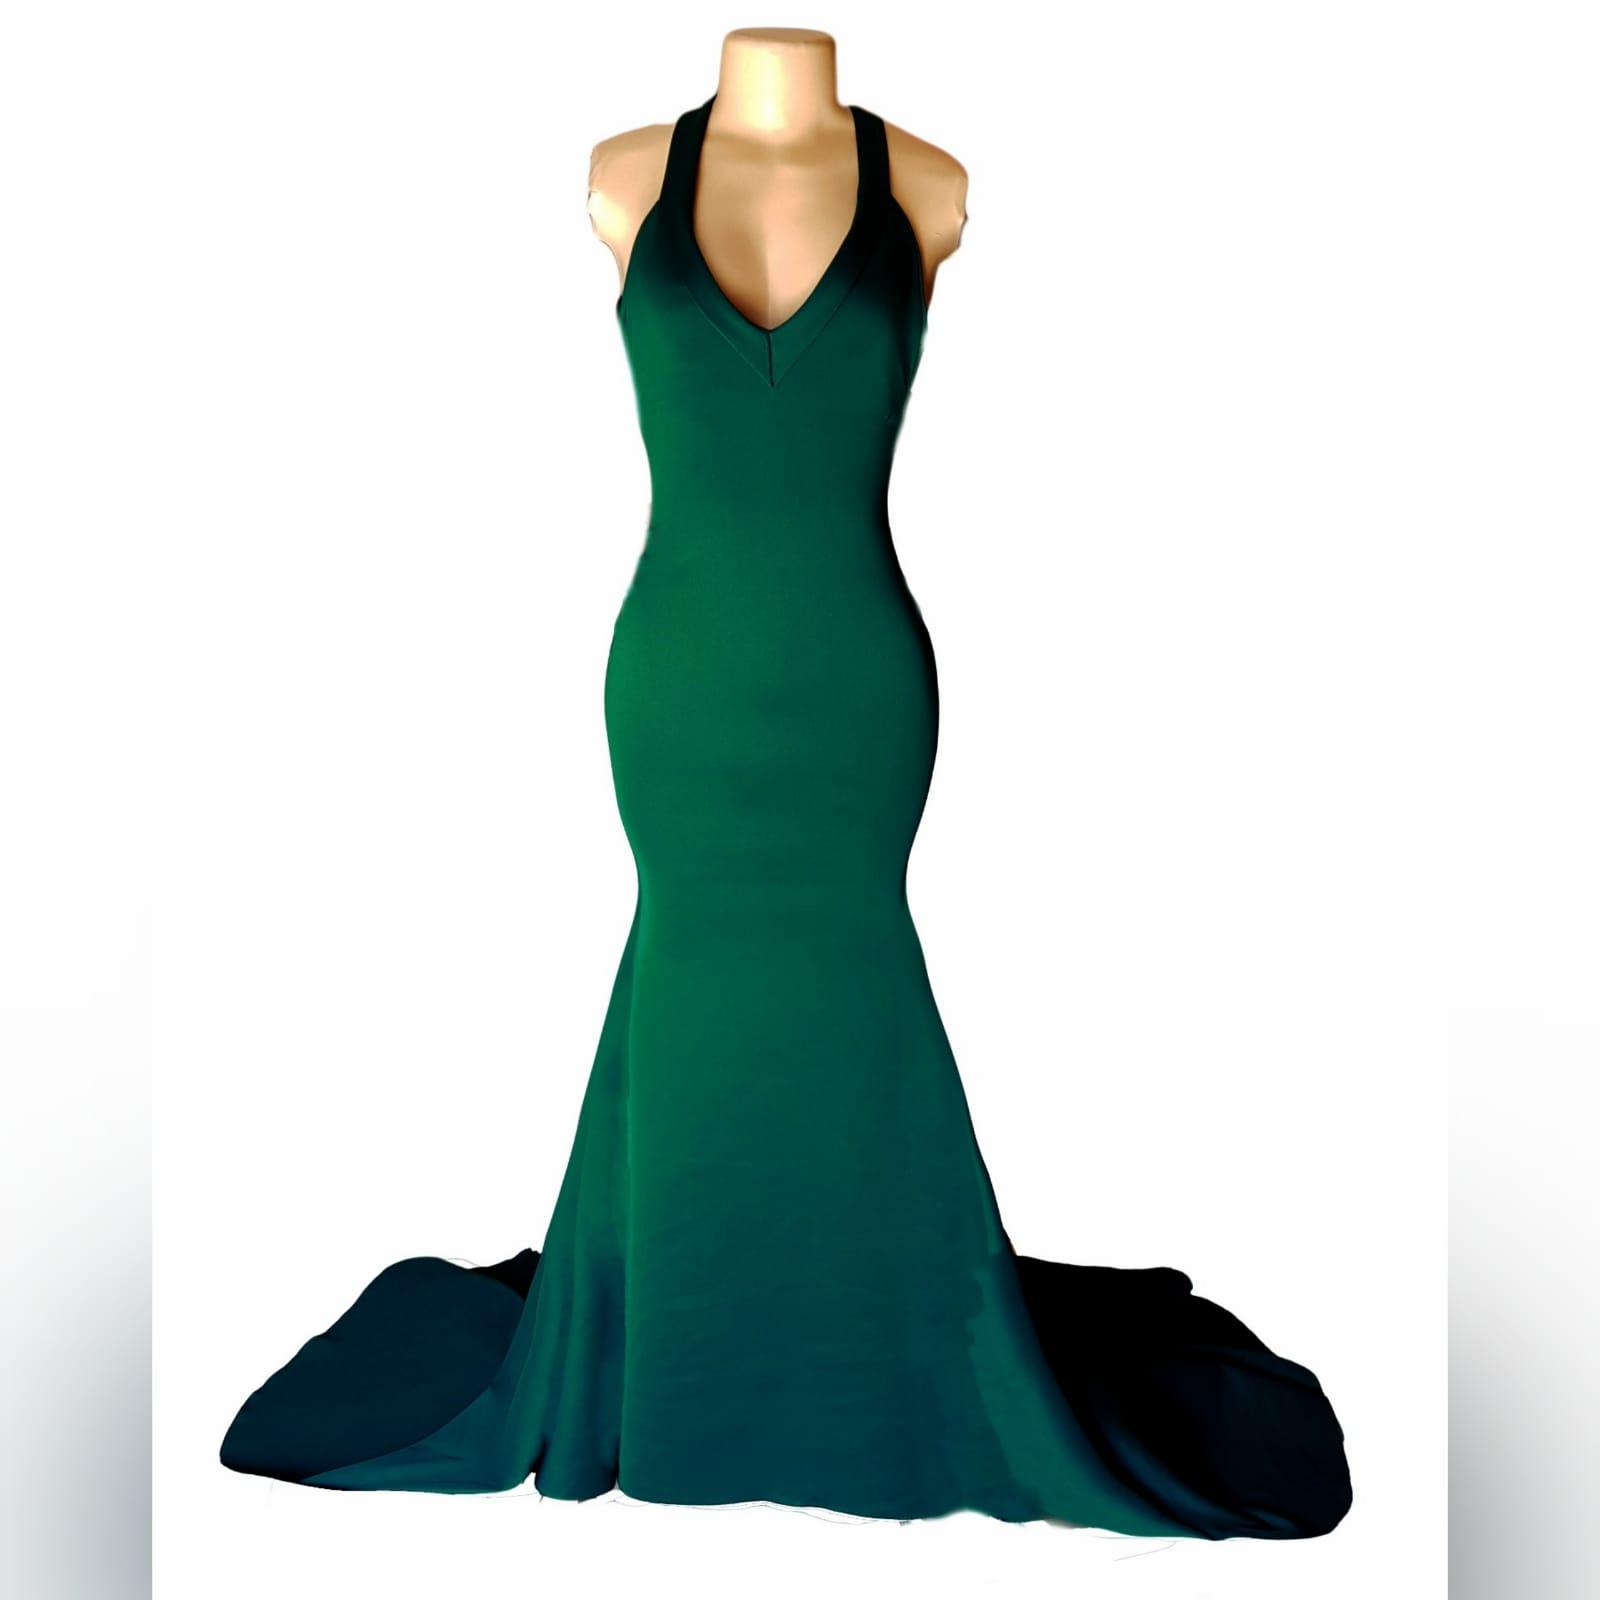 Vestido finalistas verde esmeralda sereia 5 vestido finalistas verde esmeralda sereia, com decote em v, costas abertas baixas em forma v com detalhe de pinças.